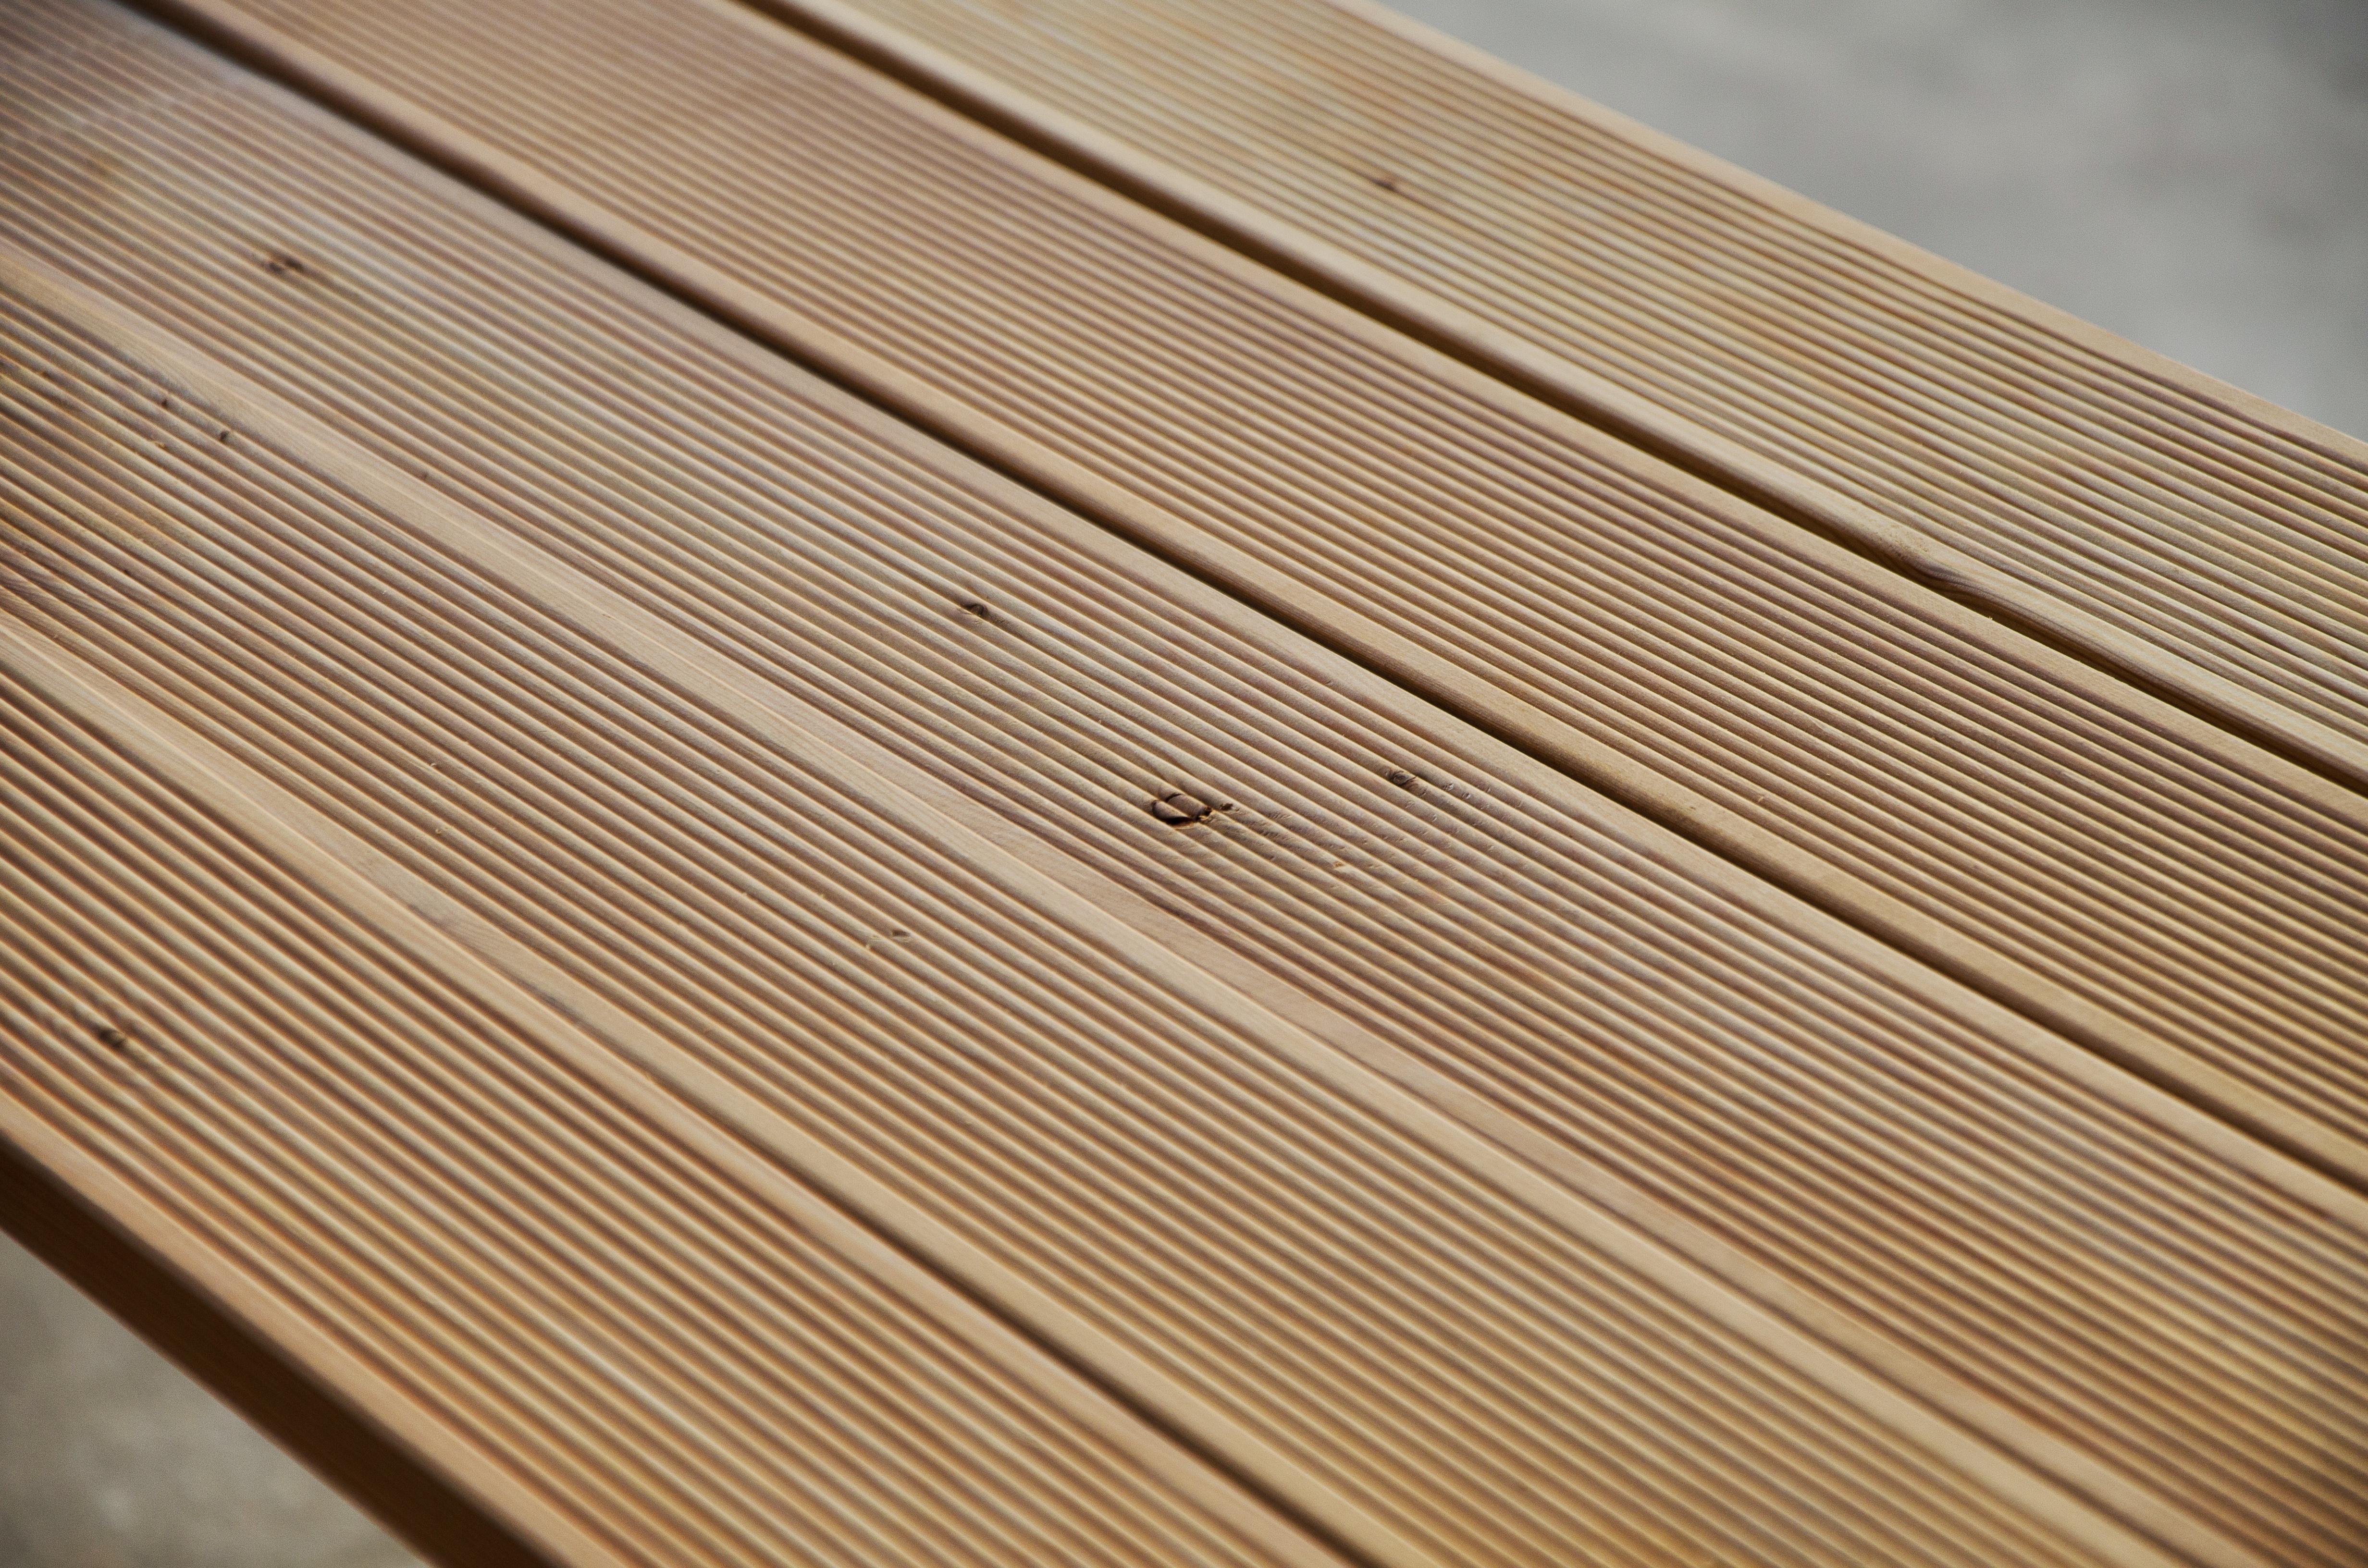 Pavimenti da esterno prezzi pavimento in legno da esterno - Pavimenti da esterno leroy merlin ...